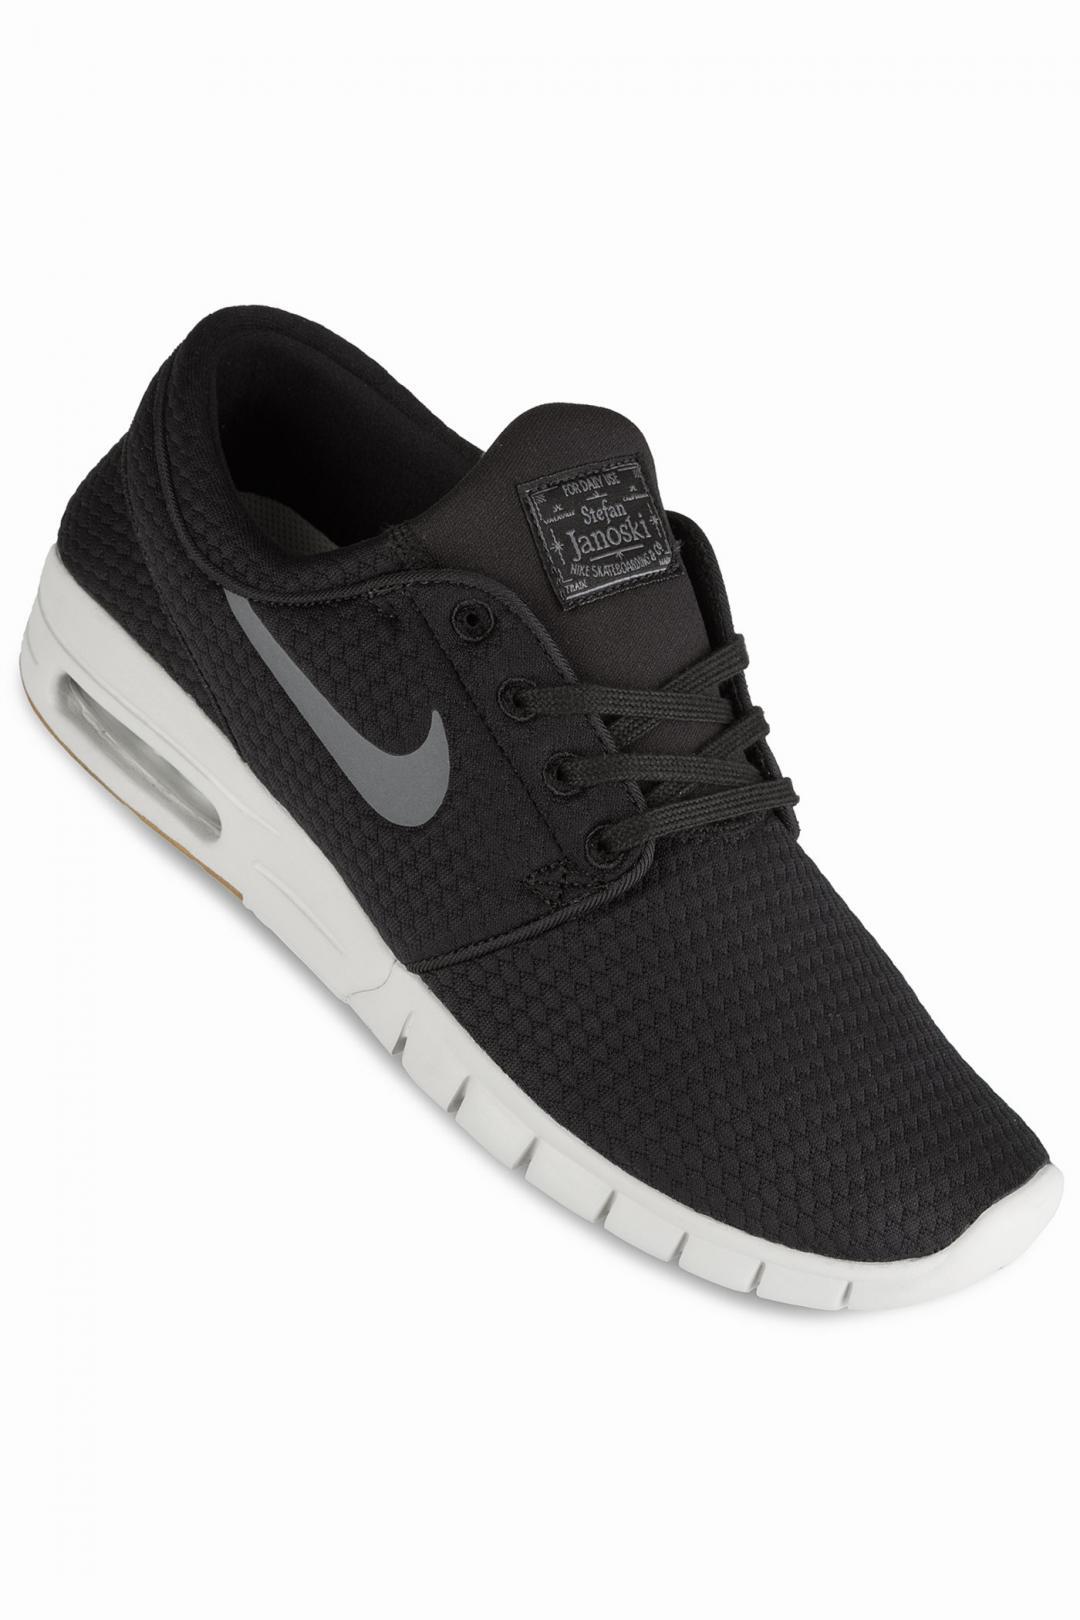 Uomo Nike SB Stefan Janoski Max black dark grey | Sneaker